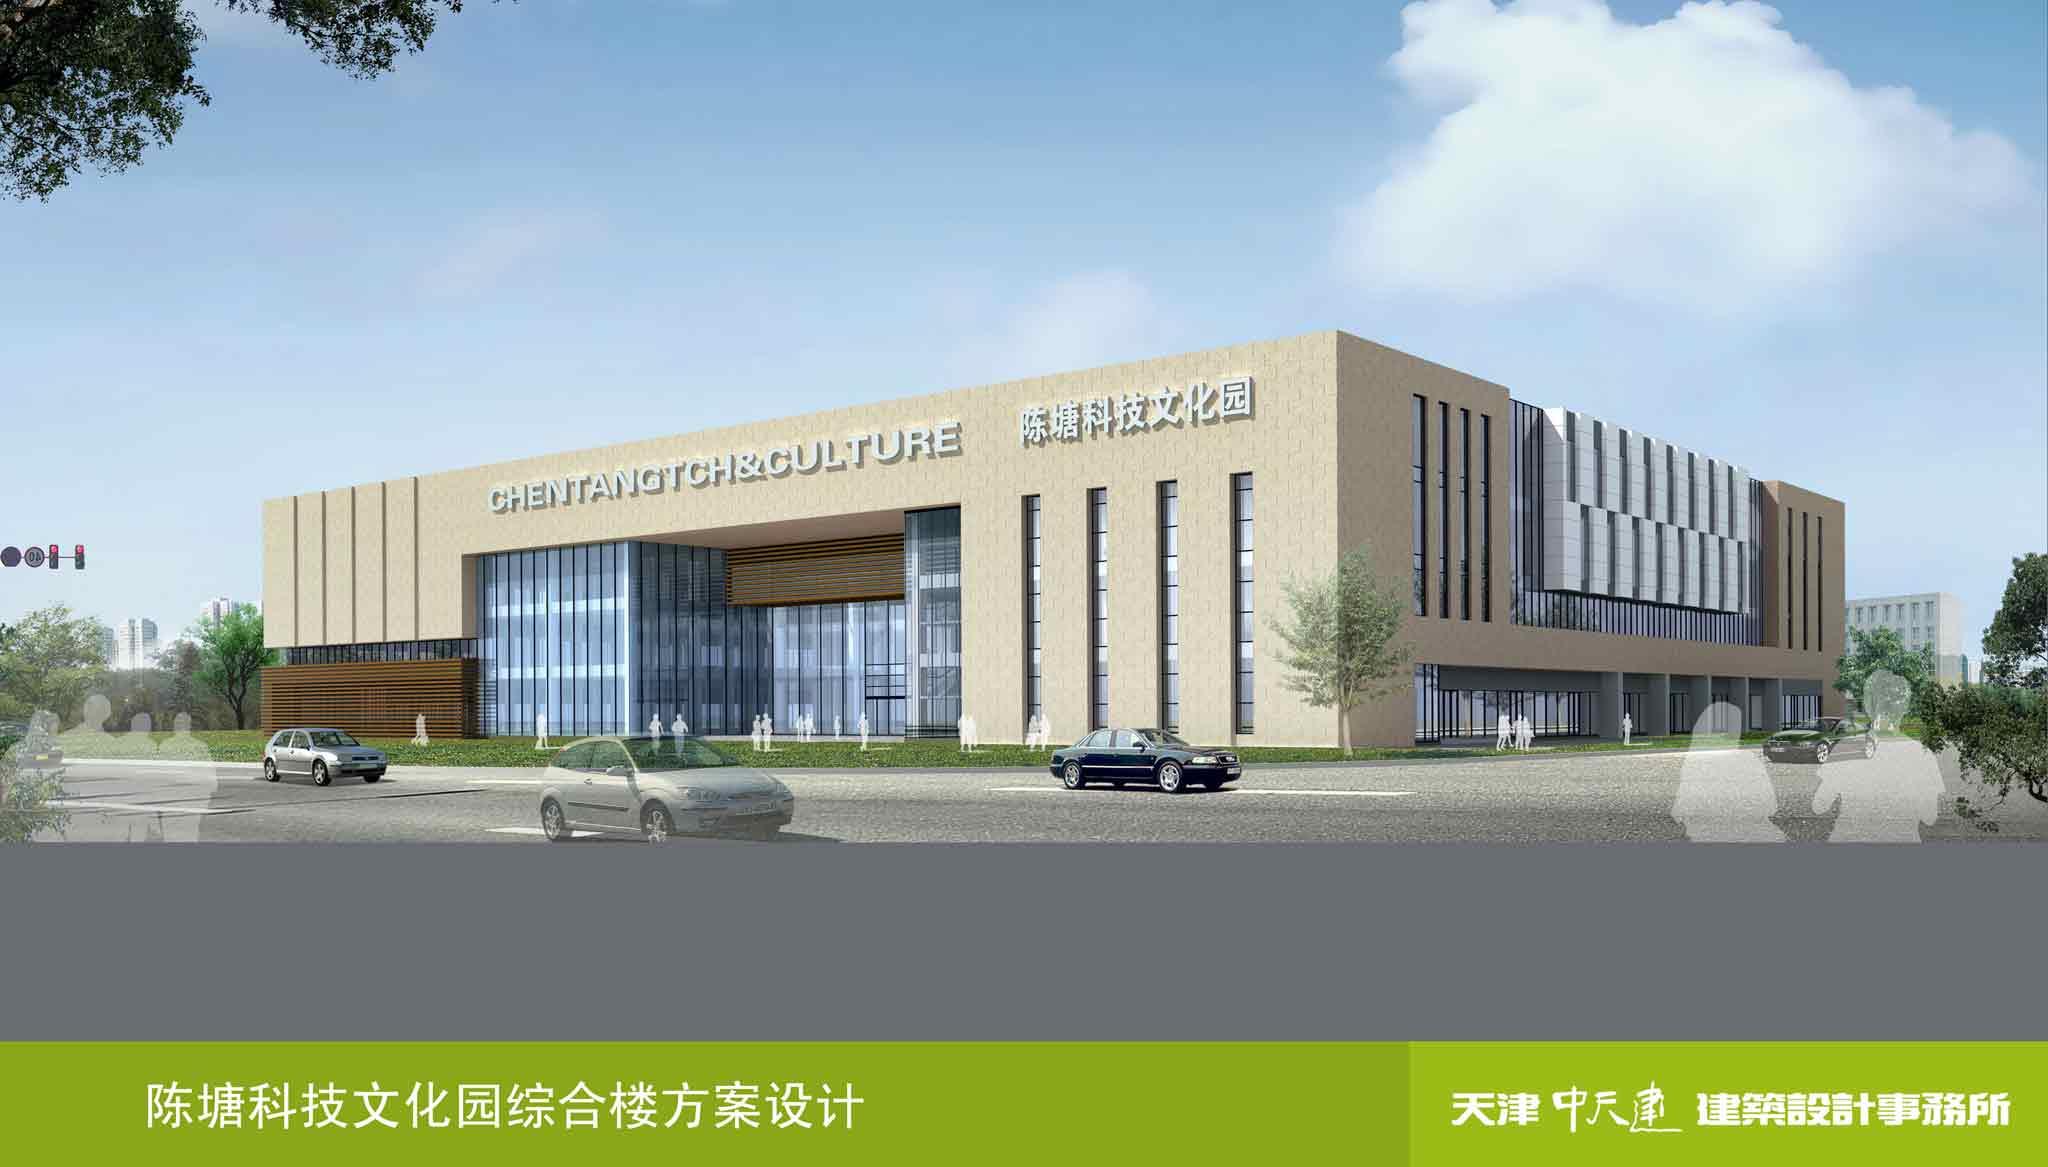 陈塘科技商务区